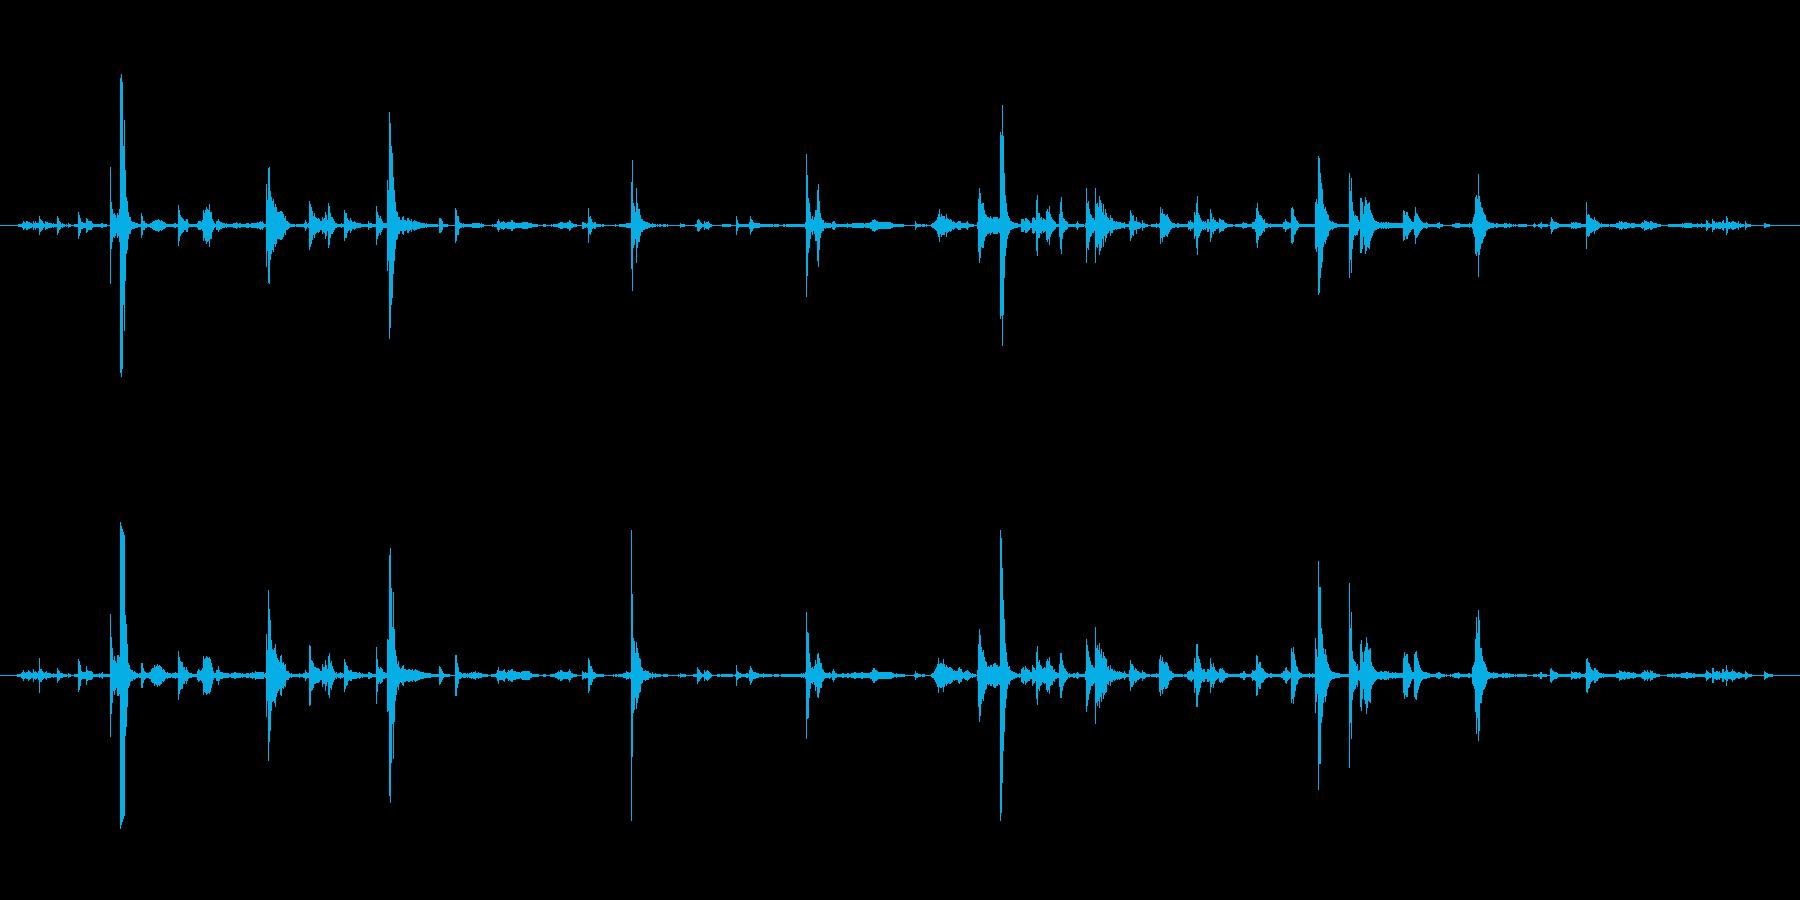 メタル プレートへこみ処理01の再生済みの波形